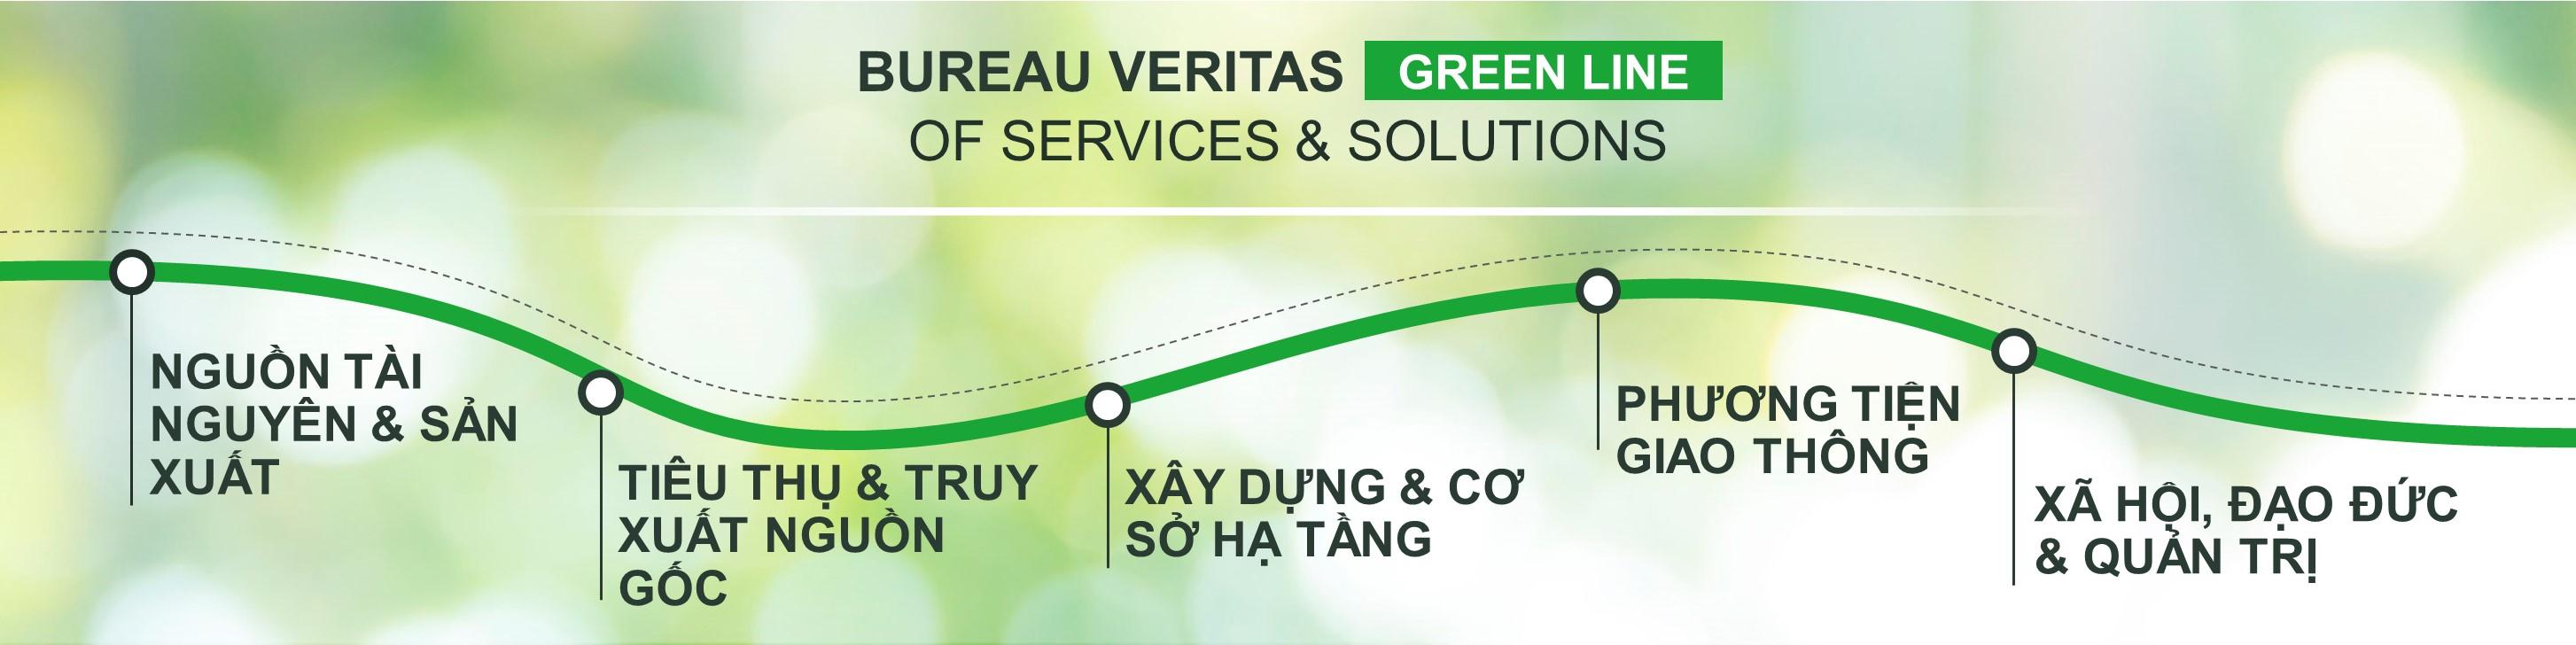 BV Green line